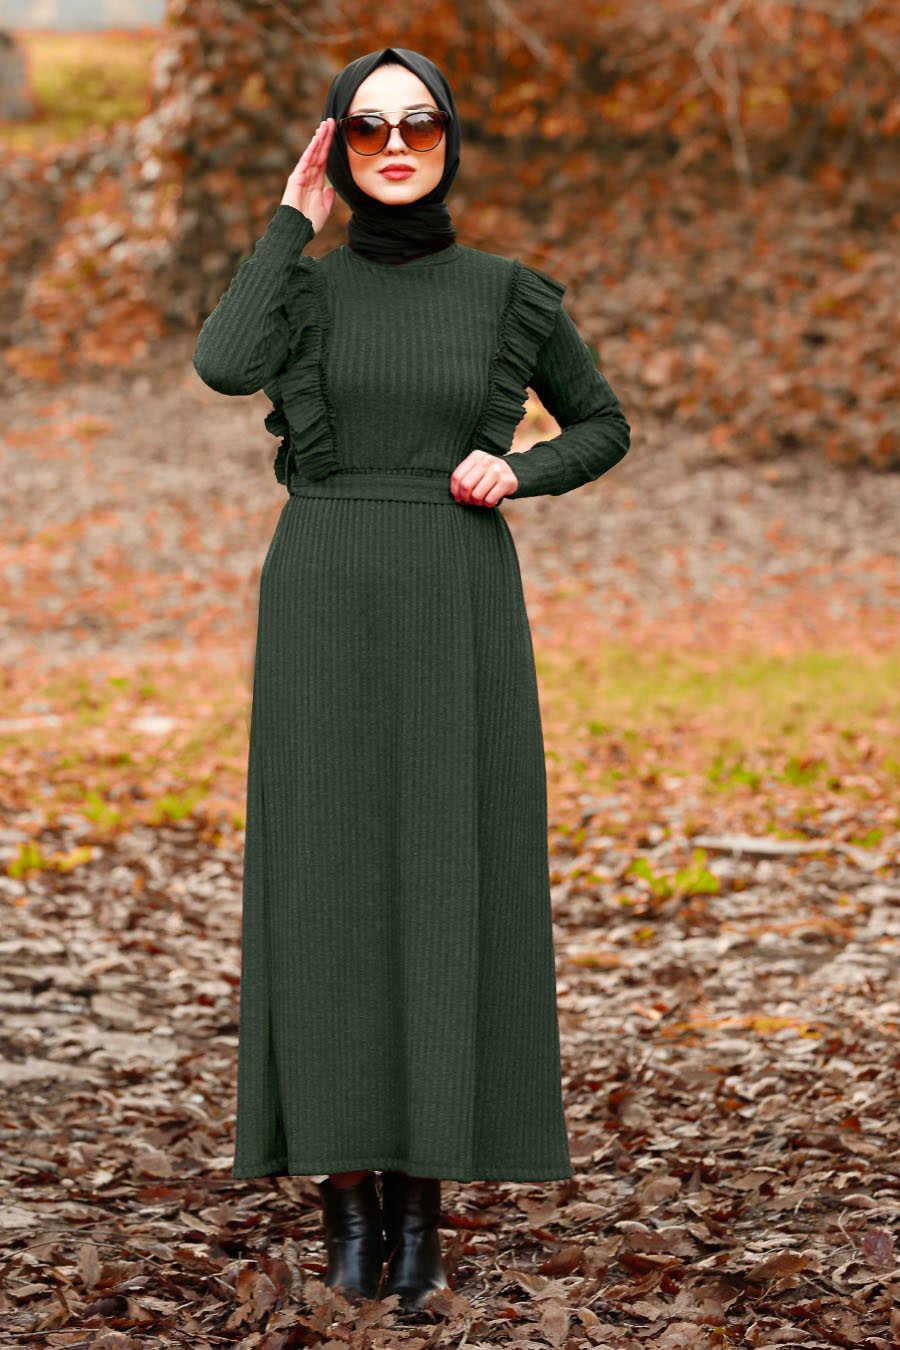 Fırfır Detaylı Yeşil Tesettür Elbise 4032Y